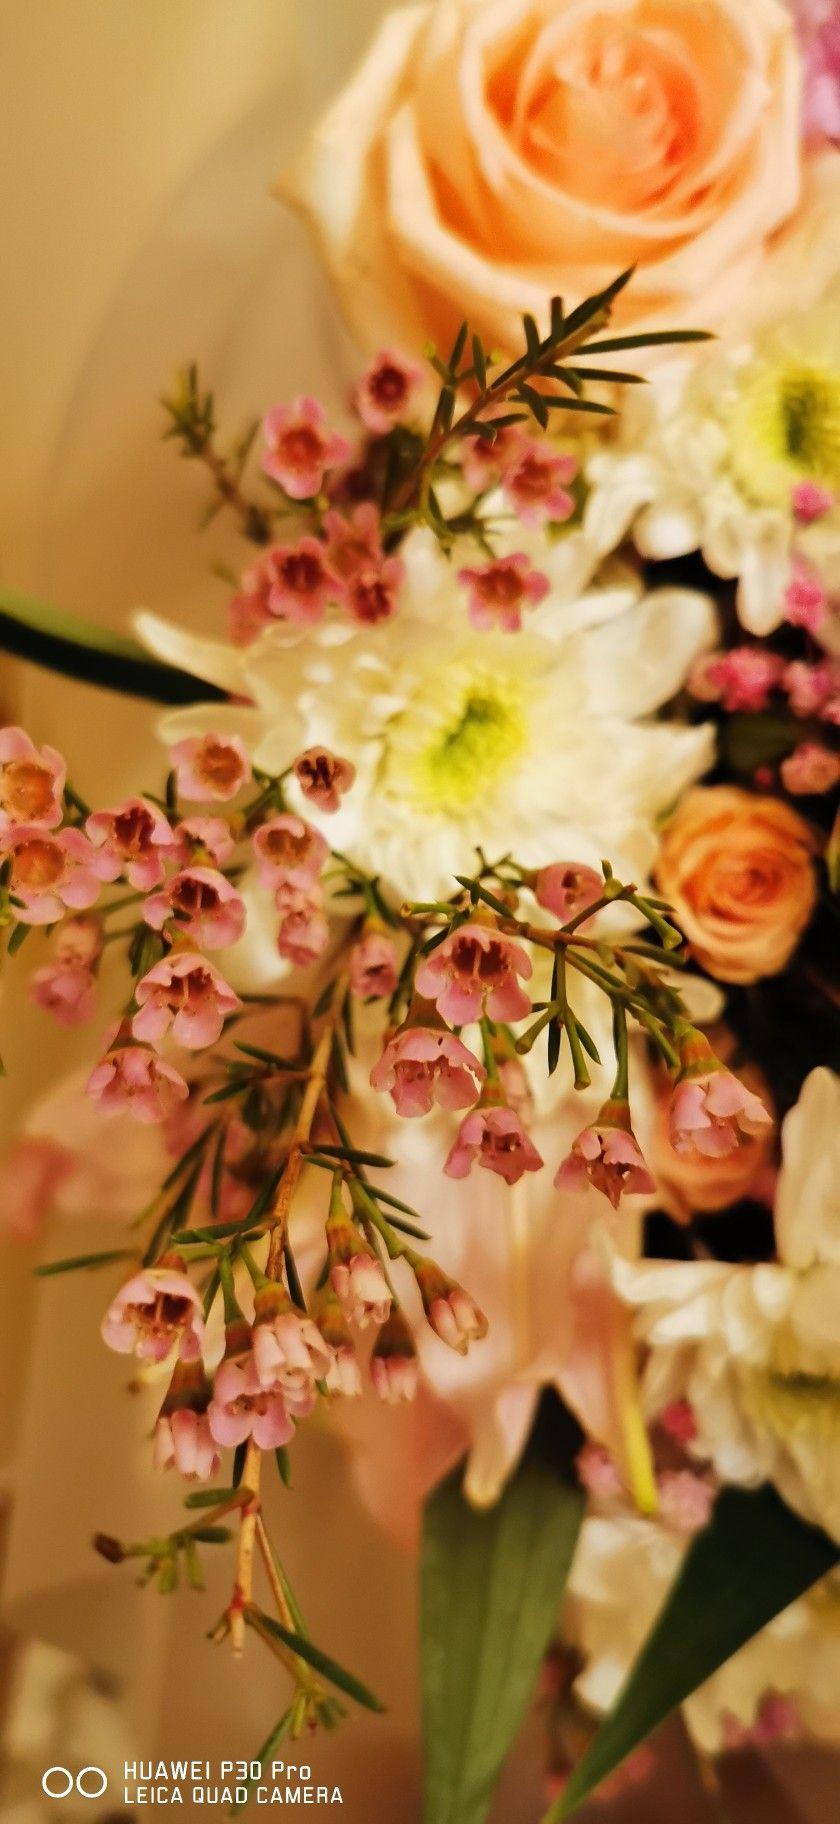 أمل الحسن تصويري Amal Alhassan تصوير جوال جمال ورد قهوة قهوتي Table Decorations Decor Home Decor